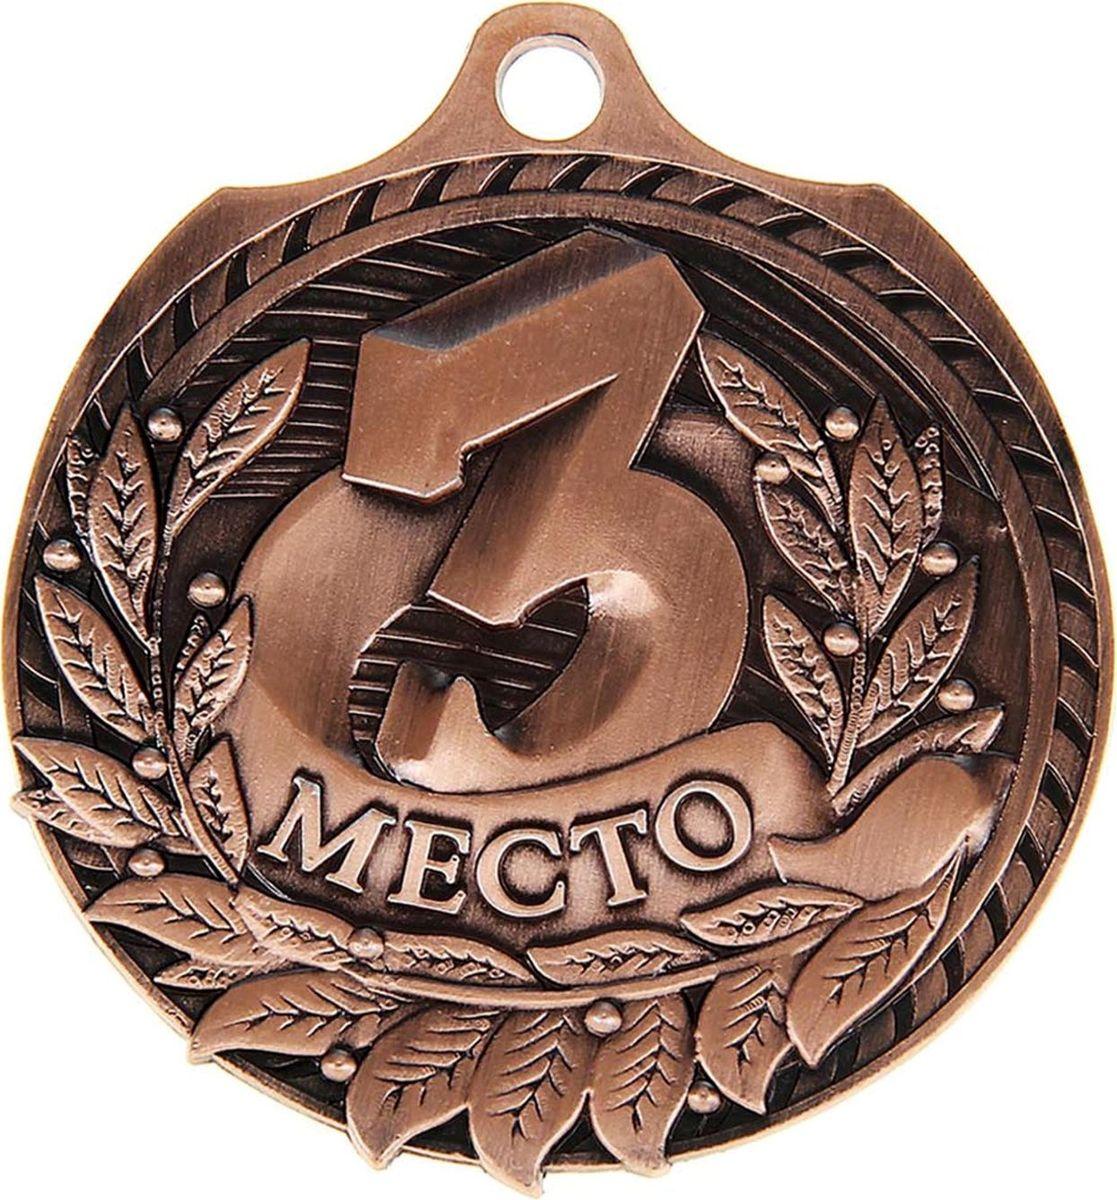 Медаль сувенирная 3 место, цвет: бронзовый, диаметр 5 см. 0301040400Эта универсальная медаль с классическим дизайном подойдёт для любых соревнований. вы сможете дополнить её персональной гравировкой или корпоративной символикой.Если необходимо подчеркнуть важность домашнего или корпоративного спортивного мероприятия, то оригинальным и запоминающимся итогом соревнований будет вручение медалей участникам и победителям. Диаметр медали: 5 см. Сверху расположено отверстие для крепления ленты.